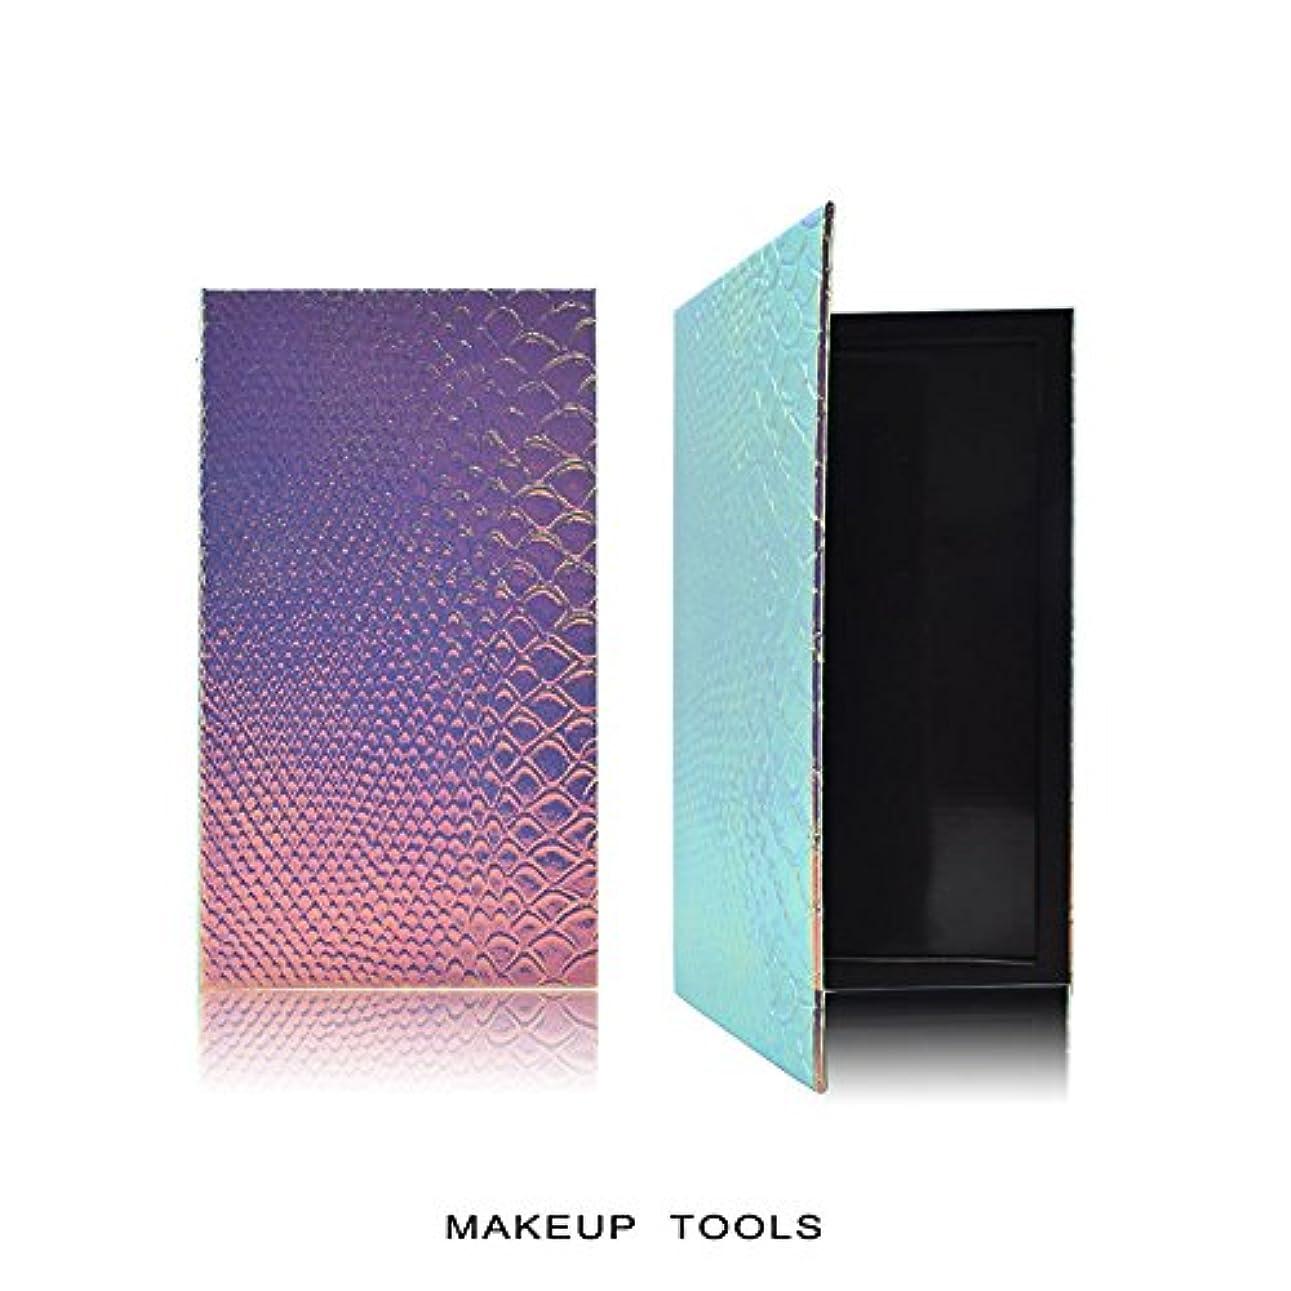 ずるいドメイン減少RaiFu アイシャドウ パレット 化粧 空の磁気 自作携帯型 美容 化粧品の保管ツール うろこ 18*10CM